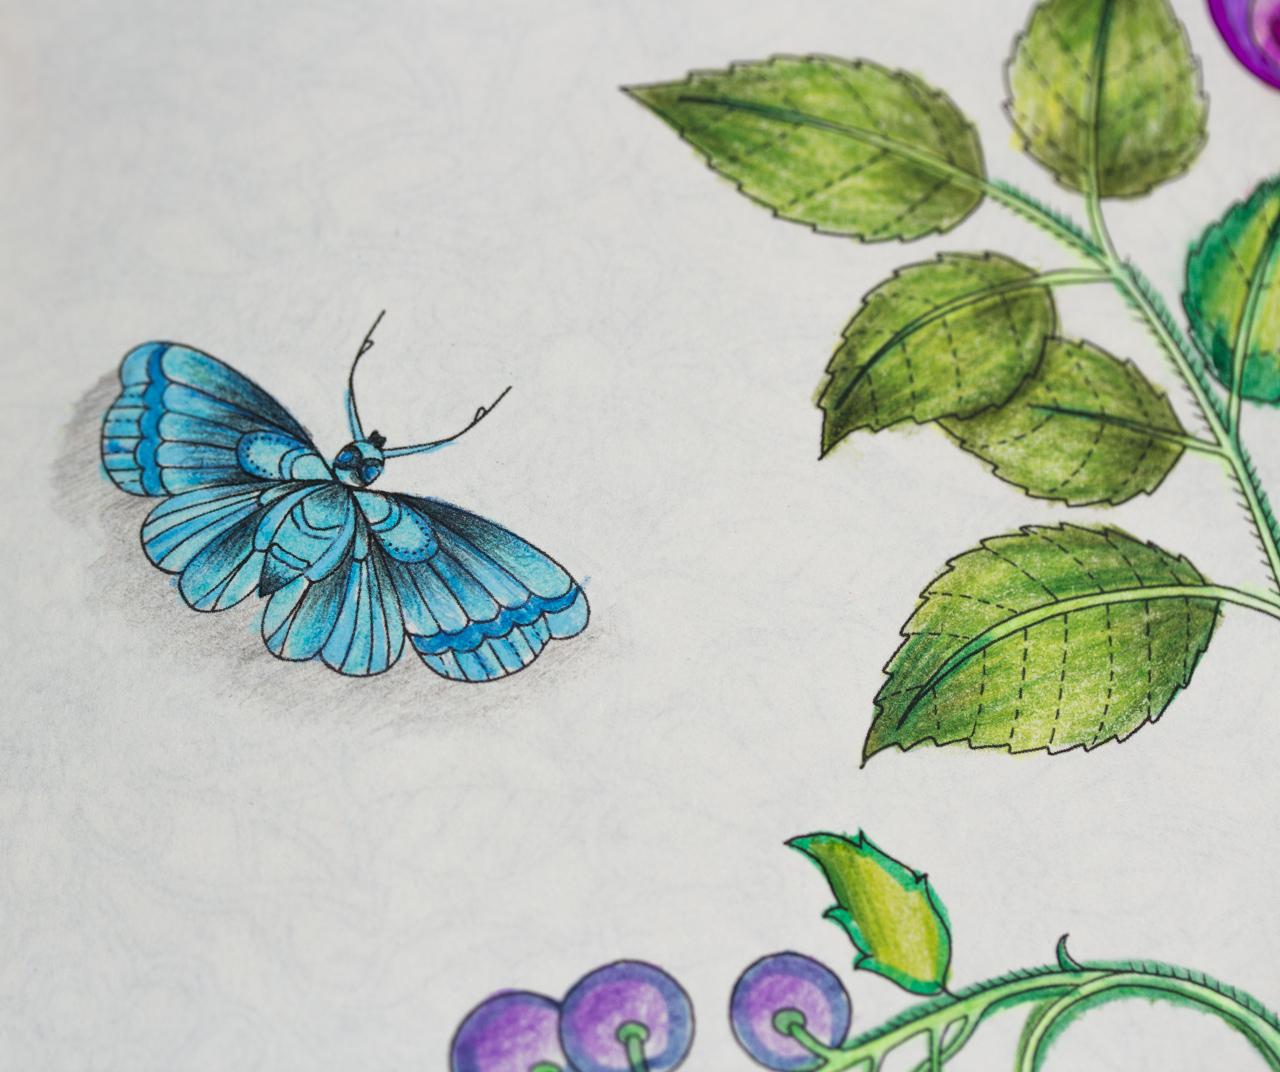 ideias jardim secreto:peq_jardim secreto pinturas ideias inspirações5